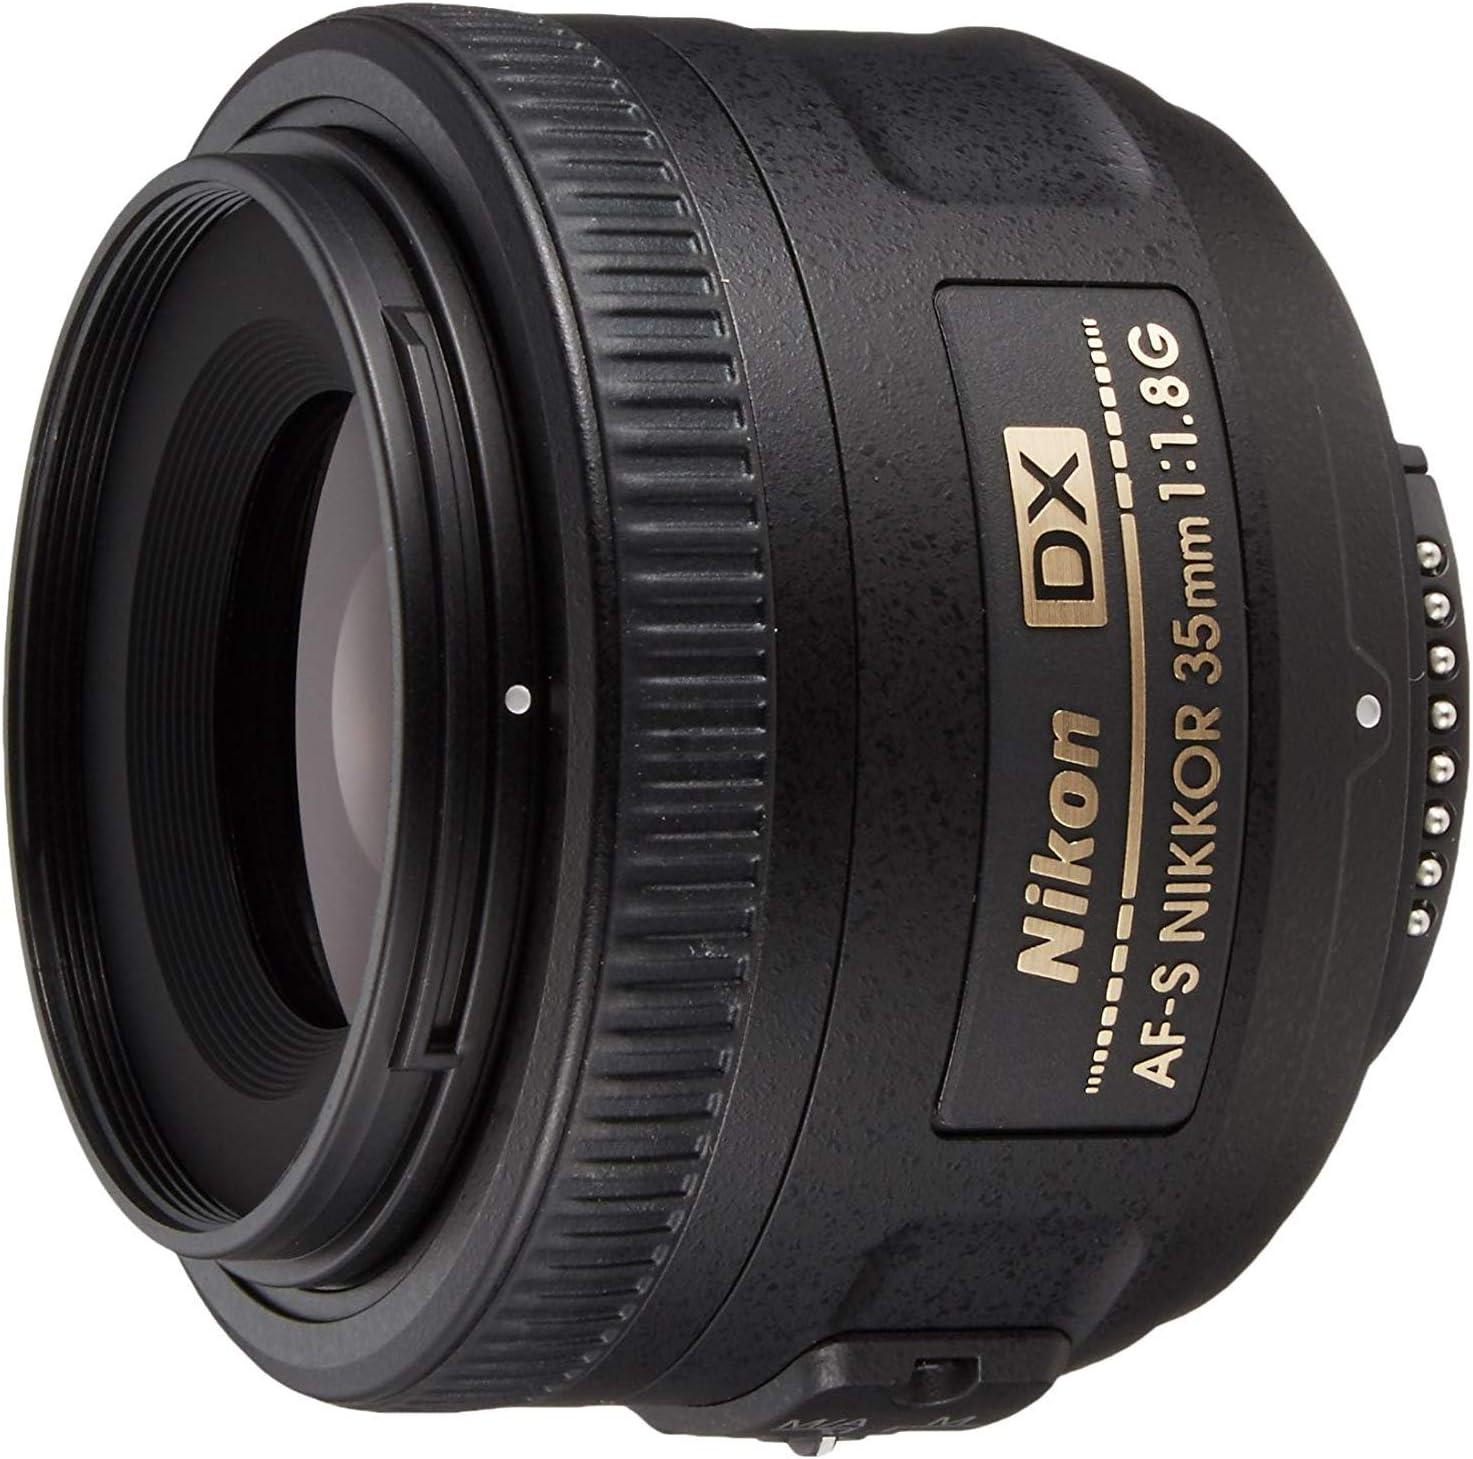 Nikon(ニコン)『AF-S DX NIKKOR 35mm f/1.8G』